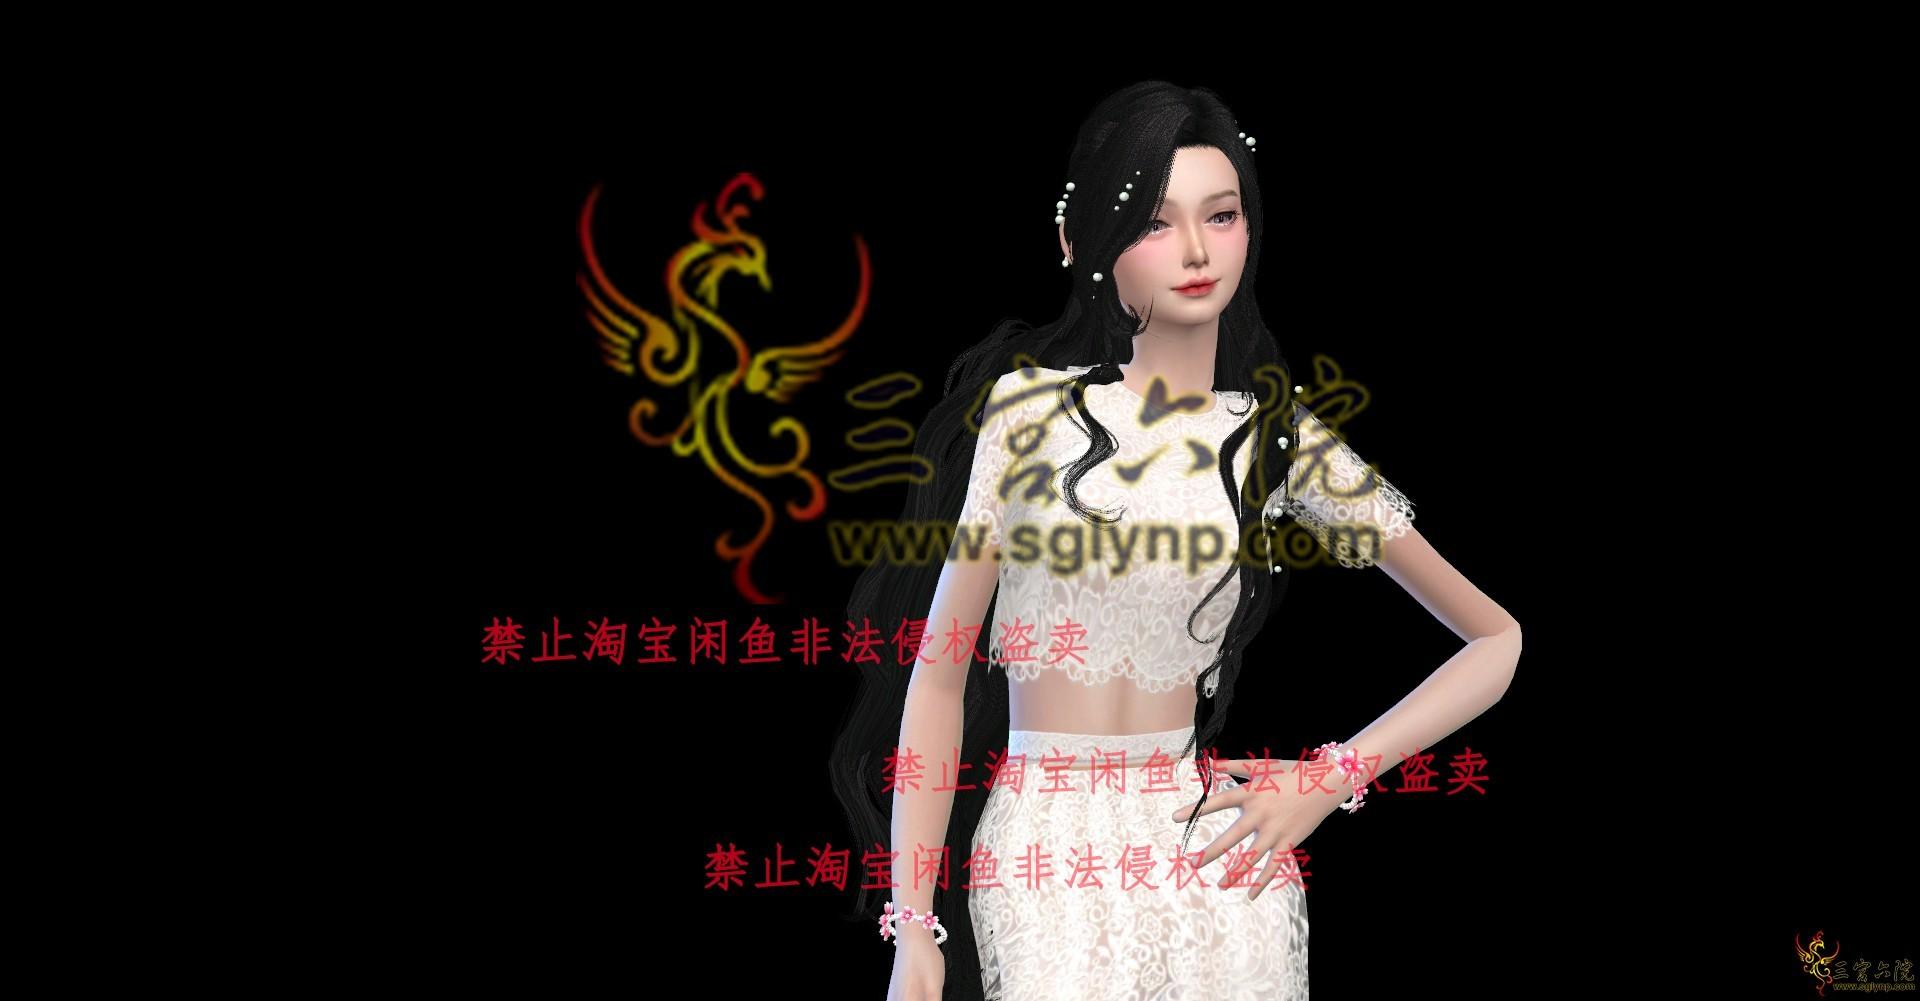 [xinxin]樱花手链(左手).png